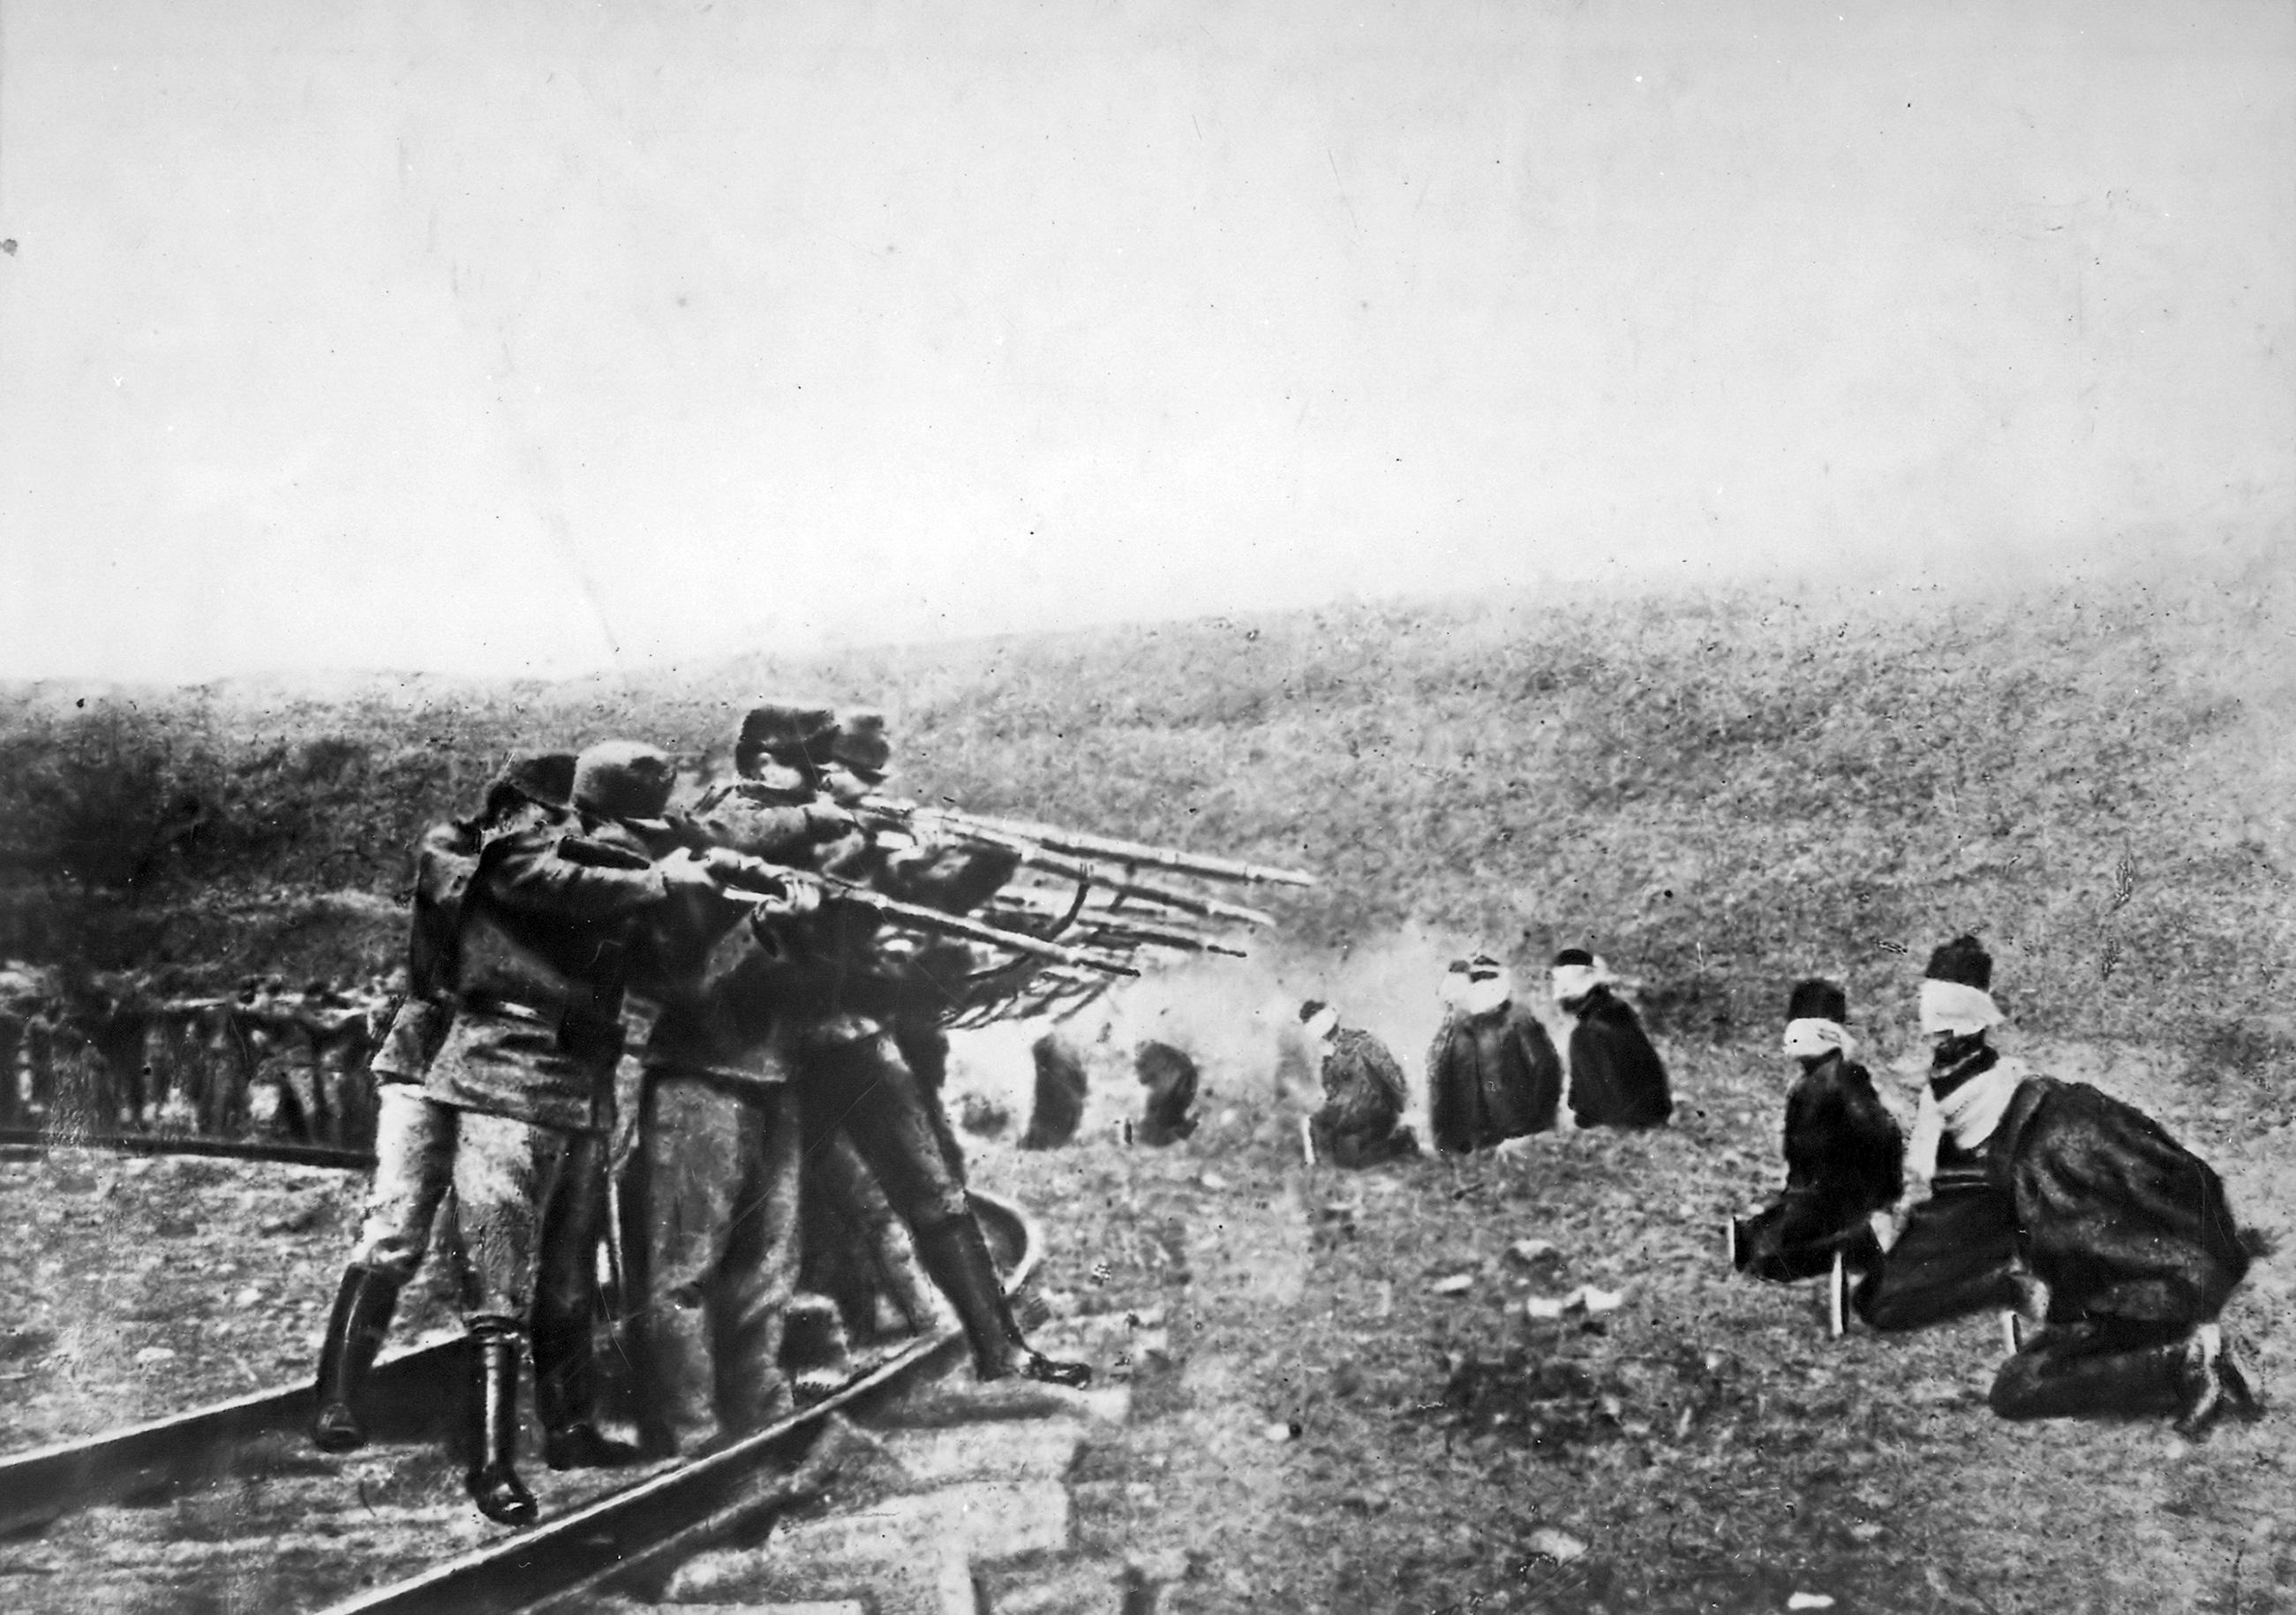 Austrians_executing_Serbs_1917